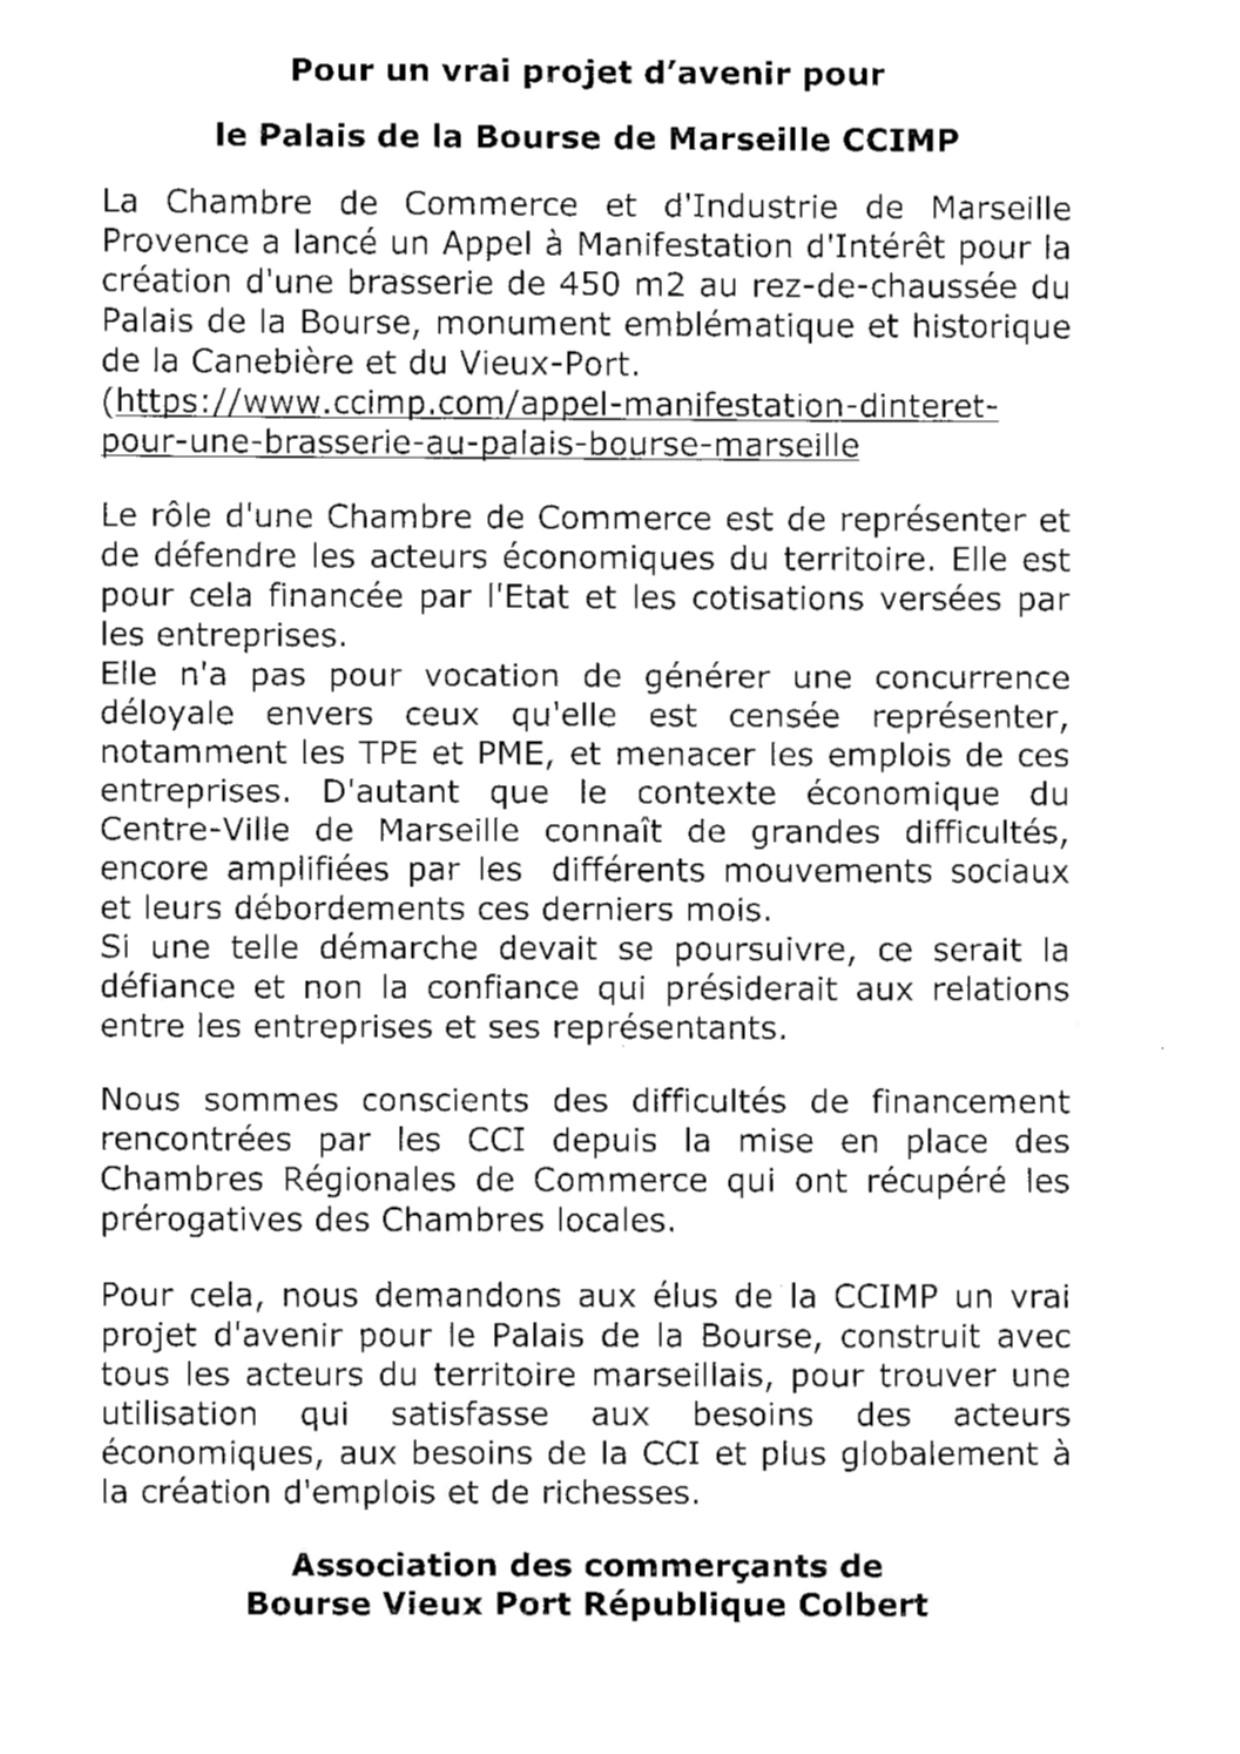 (4) Musée de la Marine : Les TPE et PME Contre le projet de la CCI dans le palais de la bourse